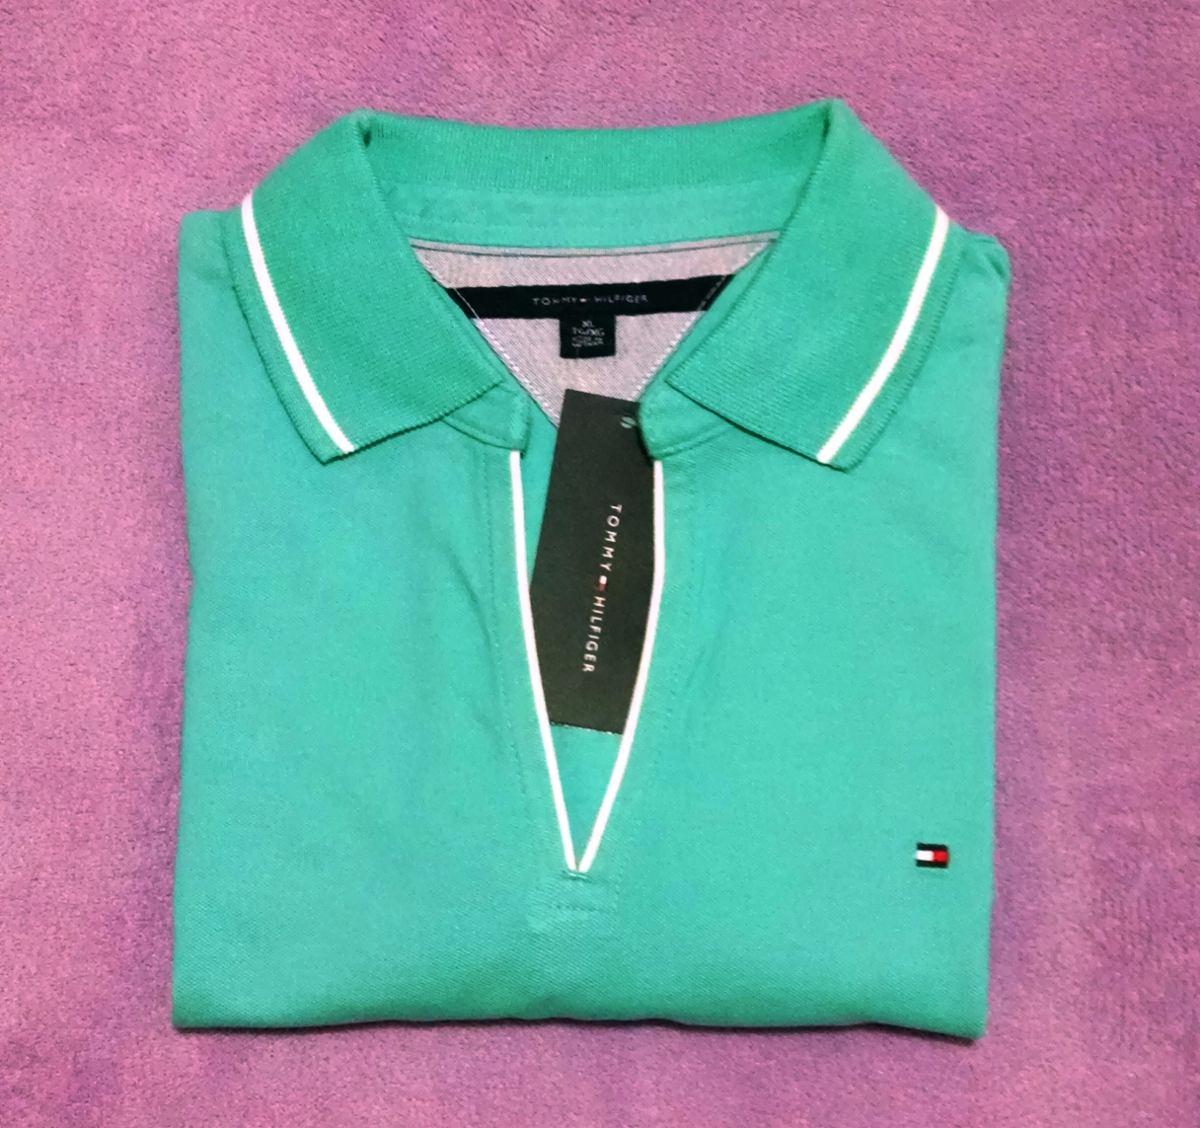 49067ebe1c1ce camisa polo tommy hilfiger fem original xg verde orginal. Carregando zoom.